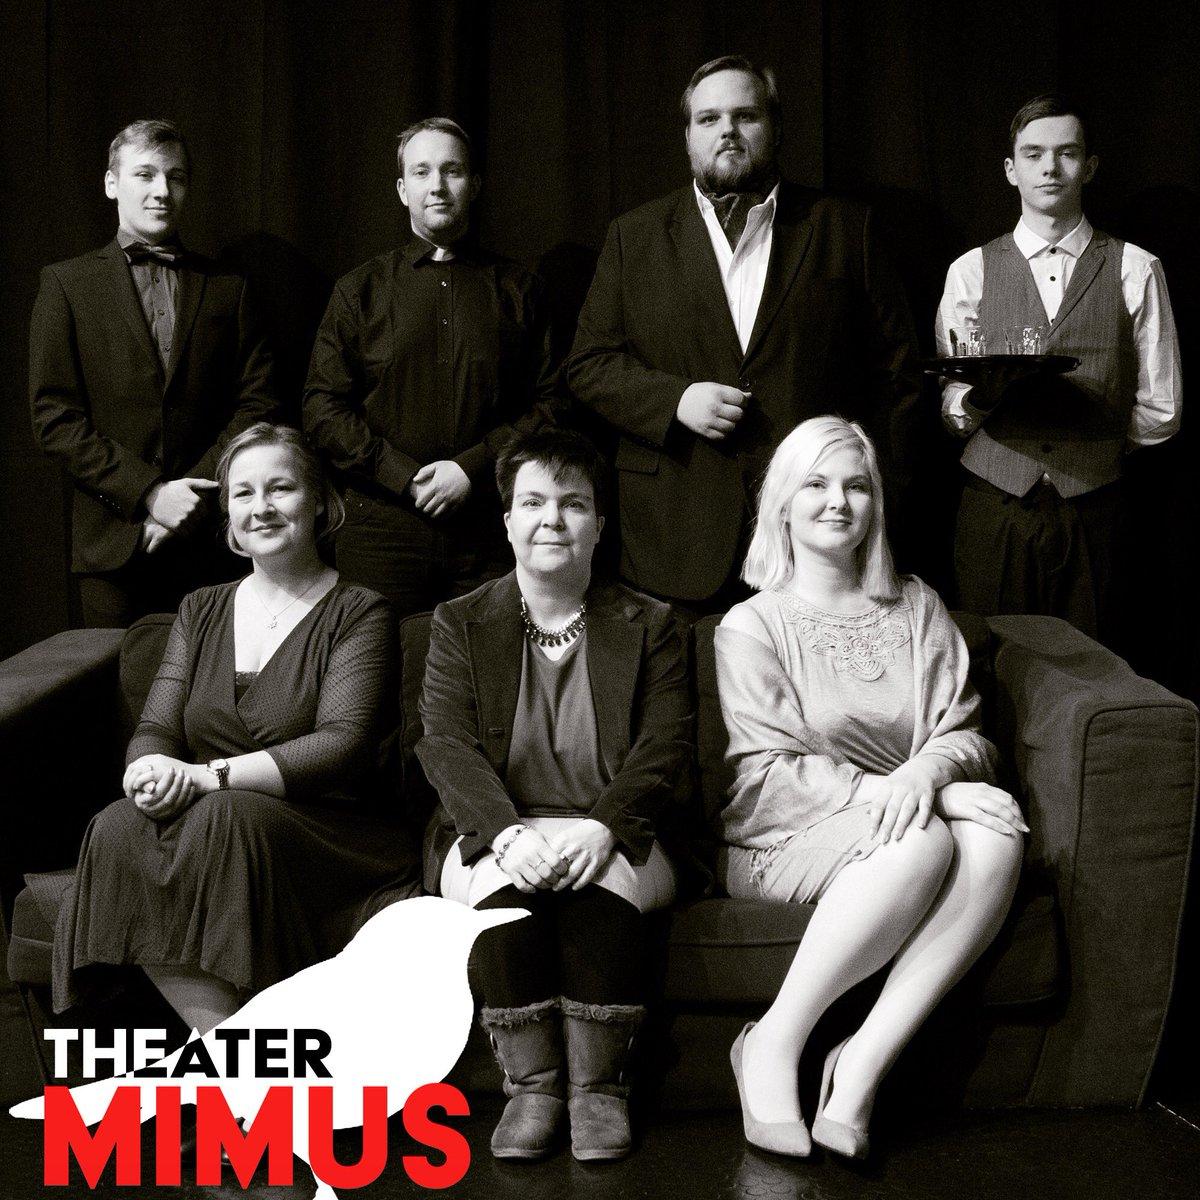 Demnächst in der Kultureinrichtung eures Vertrauens: Theater Mimus mit neuer Produktion. Weitere Informationen folgen in Kürze. #theater #theatermimus #2019 #hamburg #komödiepic.twitter.com/PAWeqR0ROf